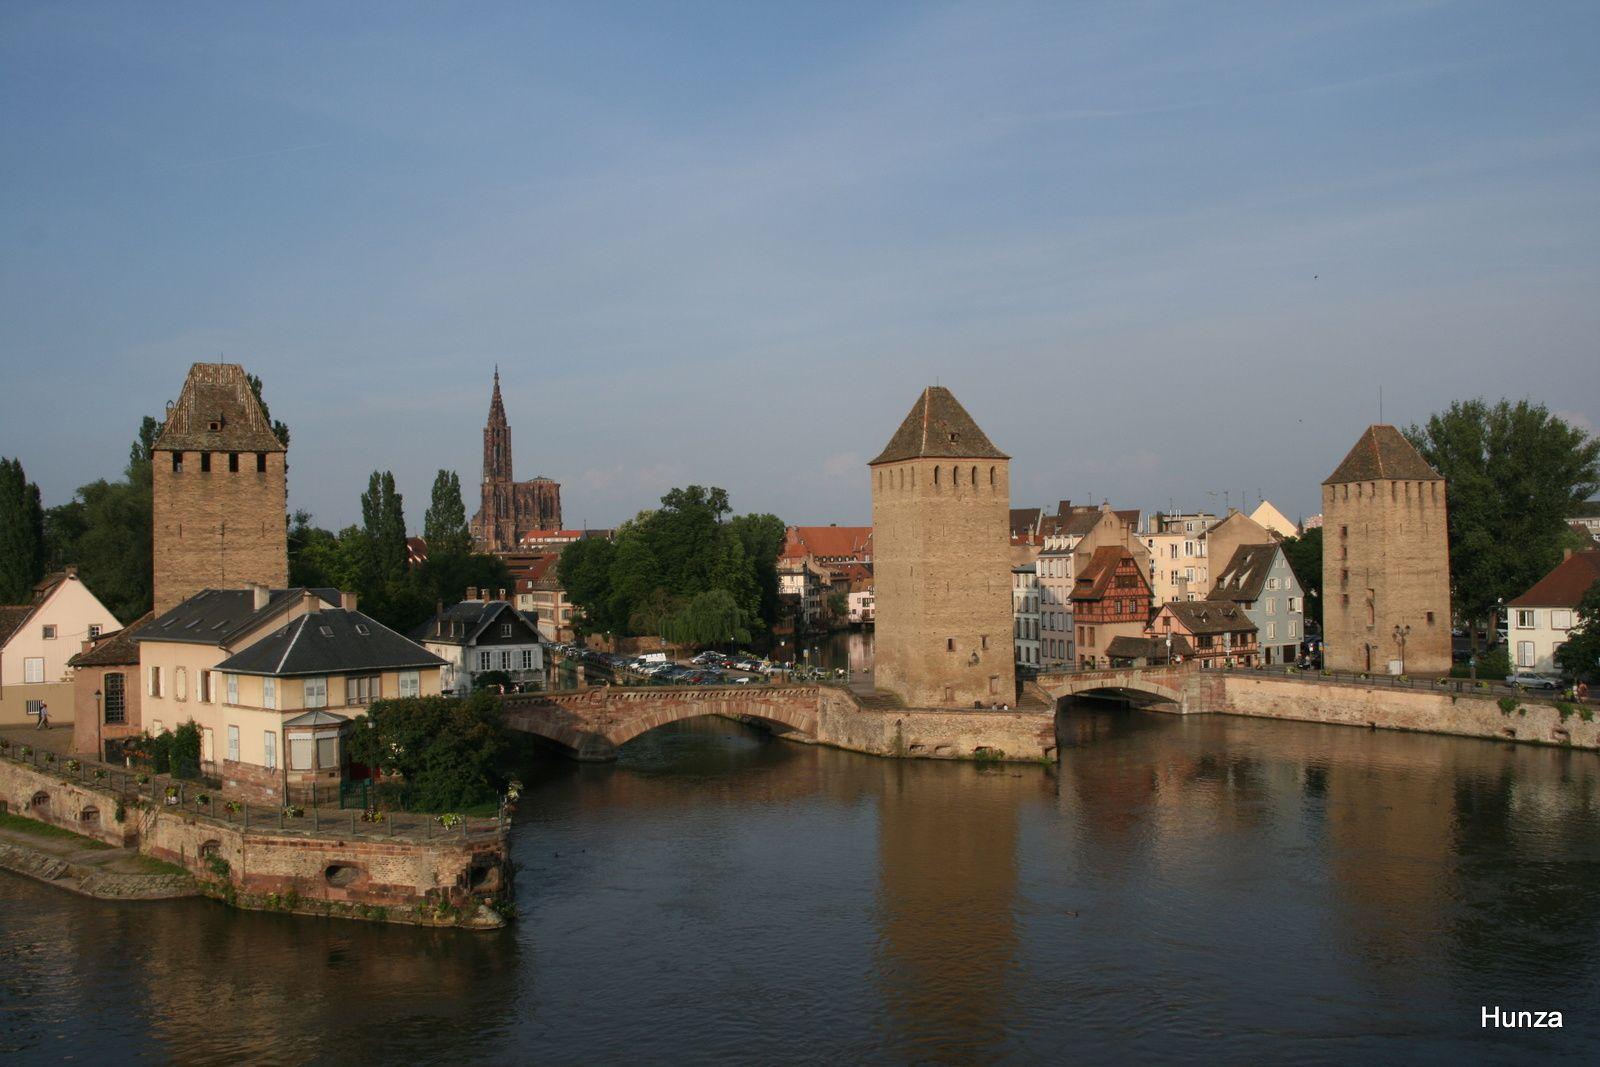 La cathédrale et les ponts couverts sur l'Ill vus du barrage Vauban